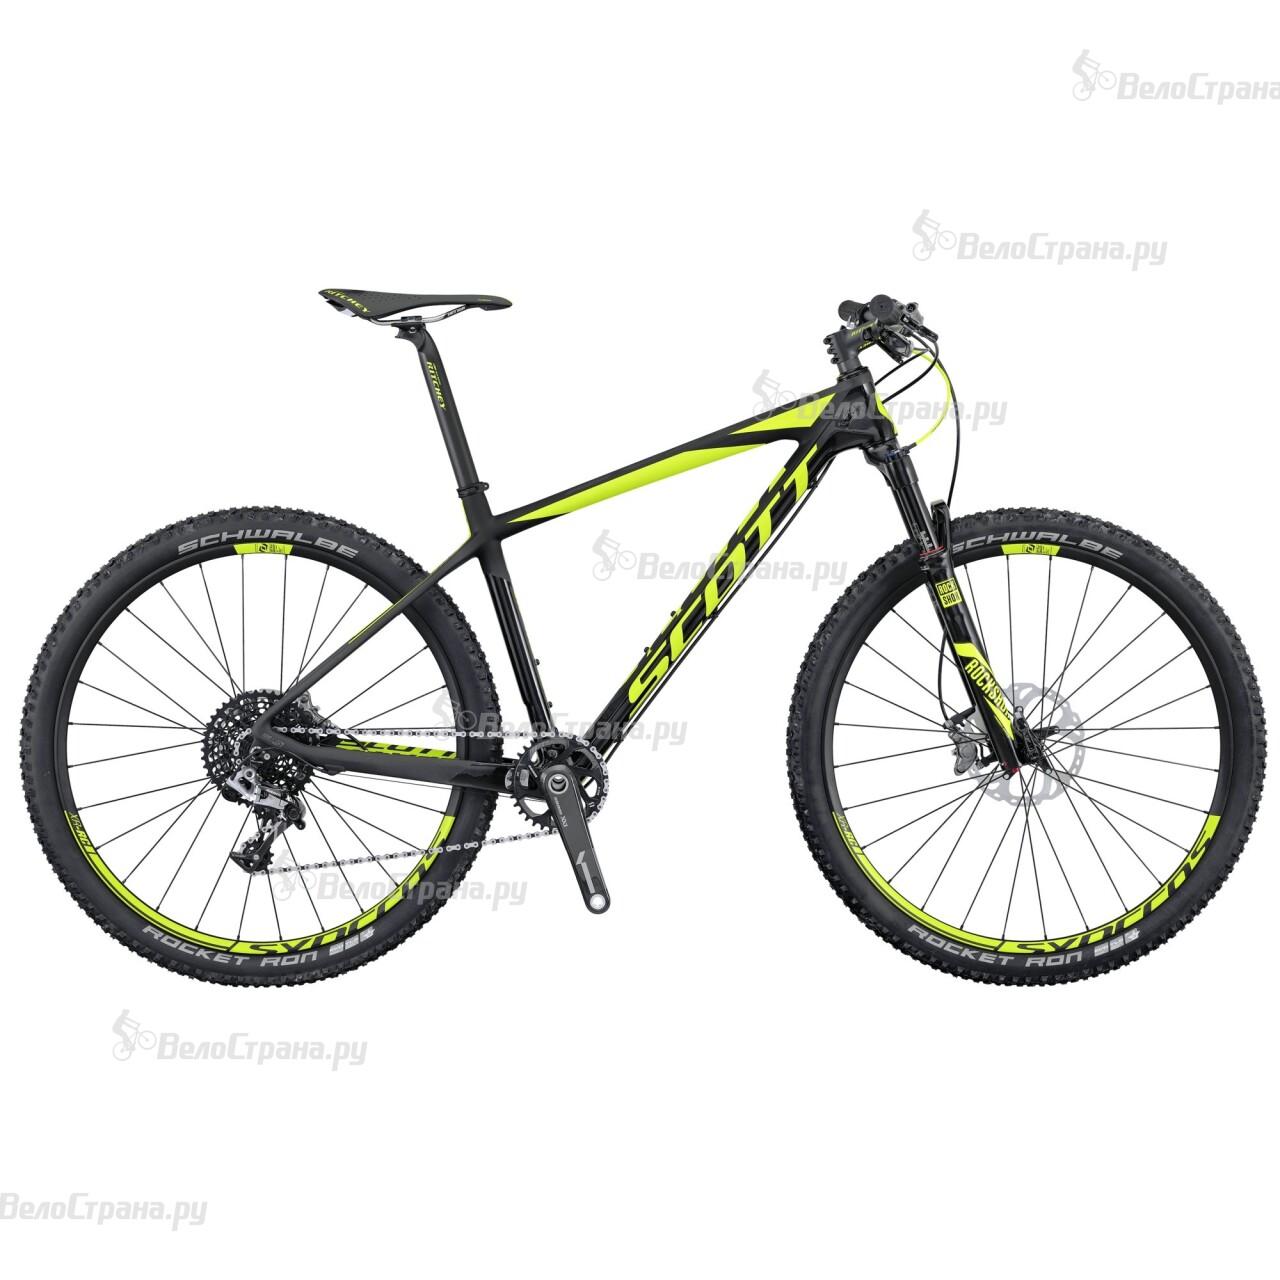 Велосипед Scott Scale 700 RC (2016) scott scale 700 rc 2016